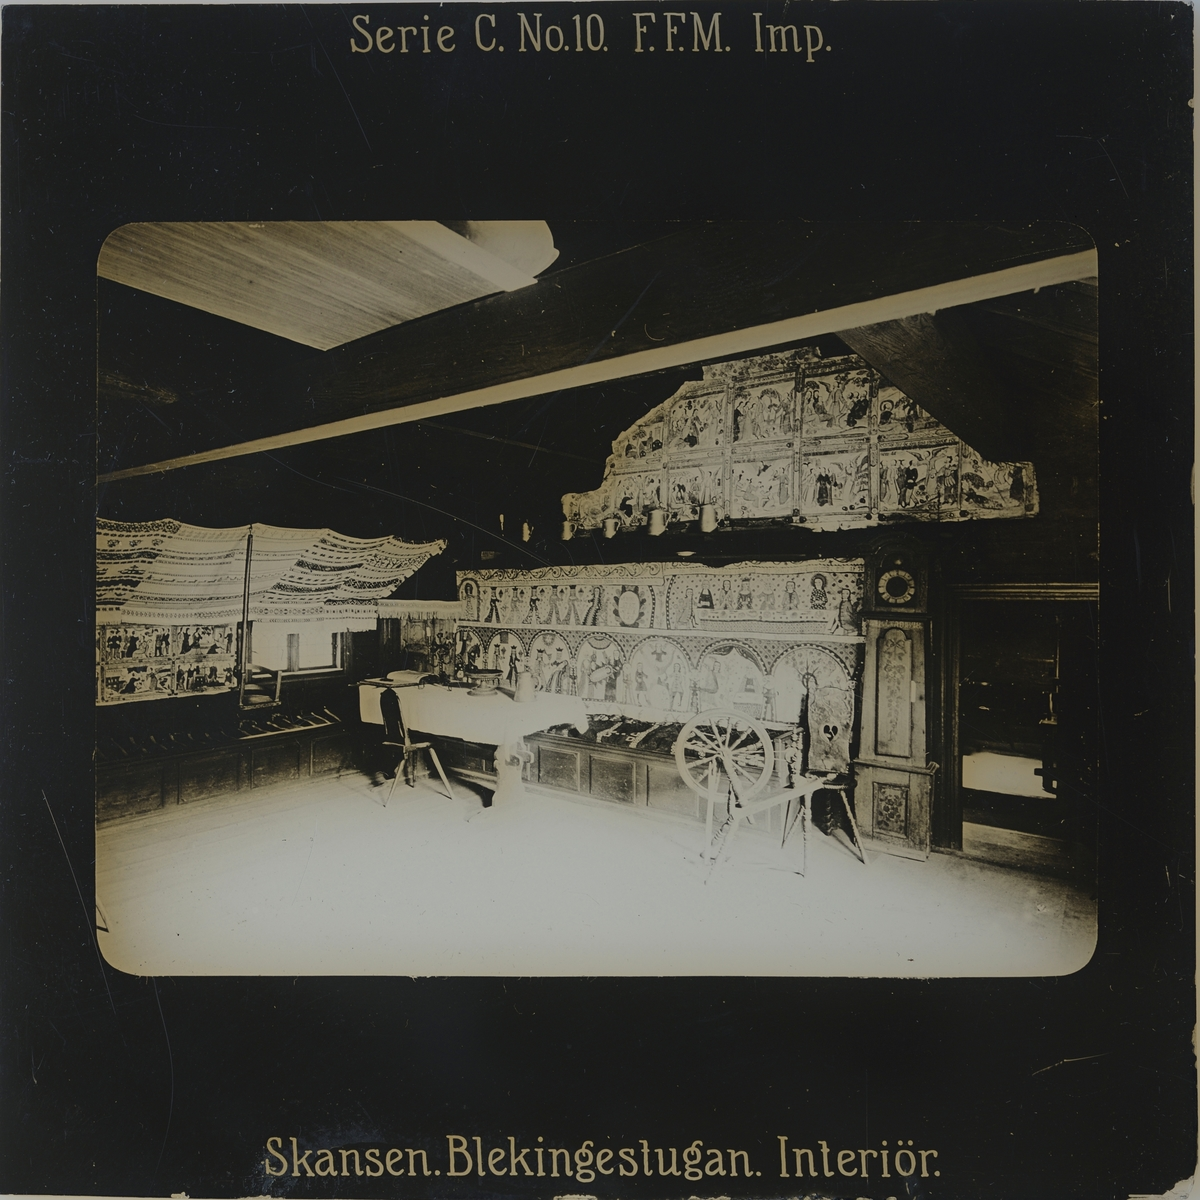 Interiör från Blekingestugan, även kallad Kyrkhultsstugan, på Skansen. På bilden syns målade och vävda bonader på väggarna, ett dukat bord, spinnrock, golvur m.m.